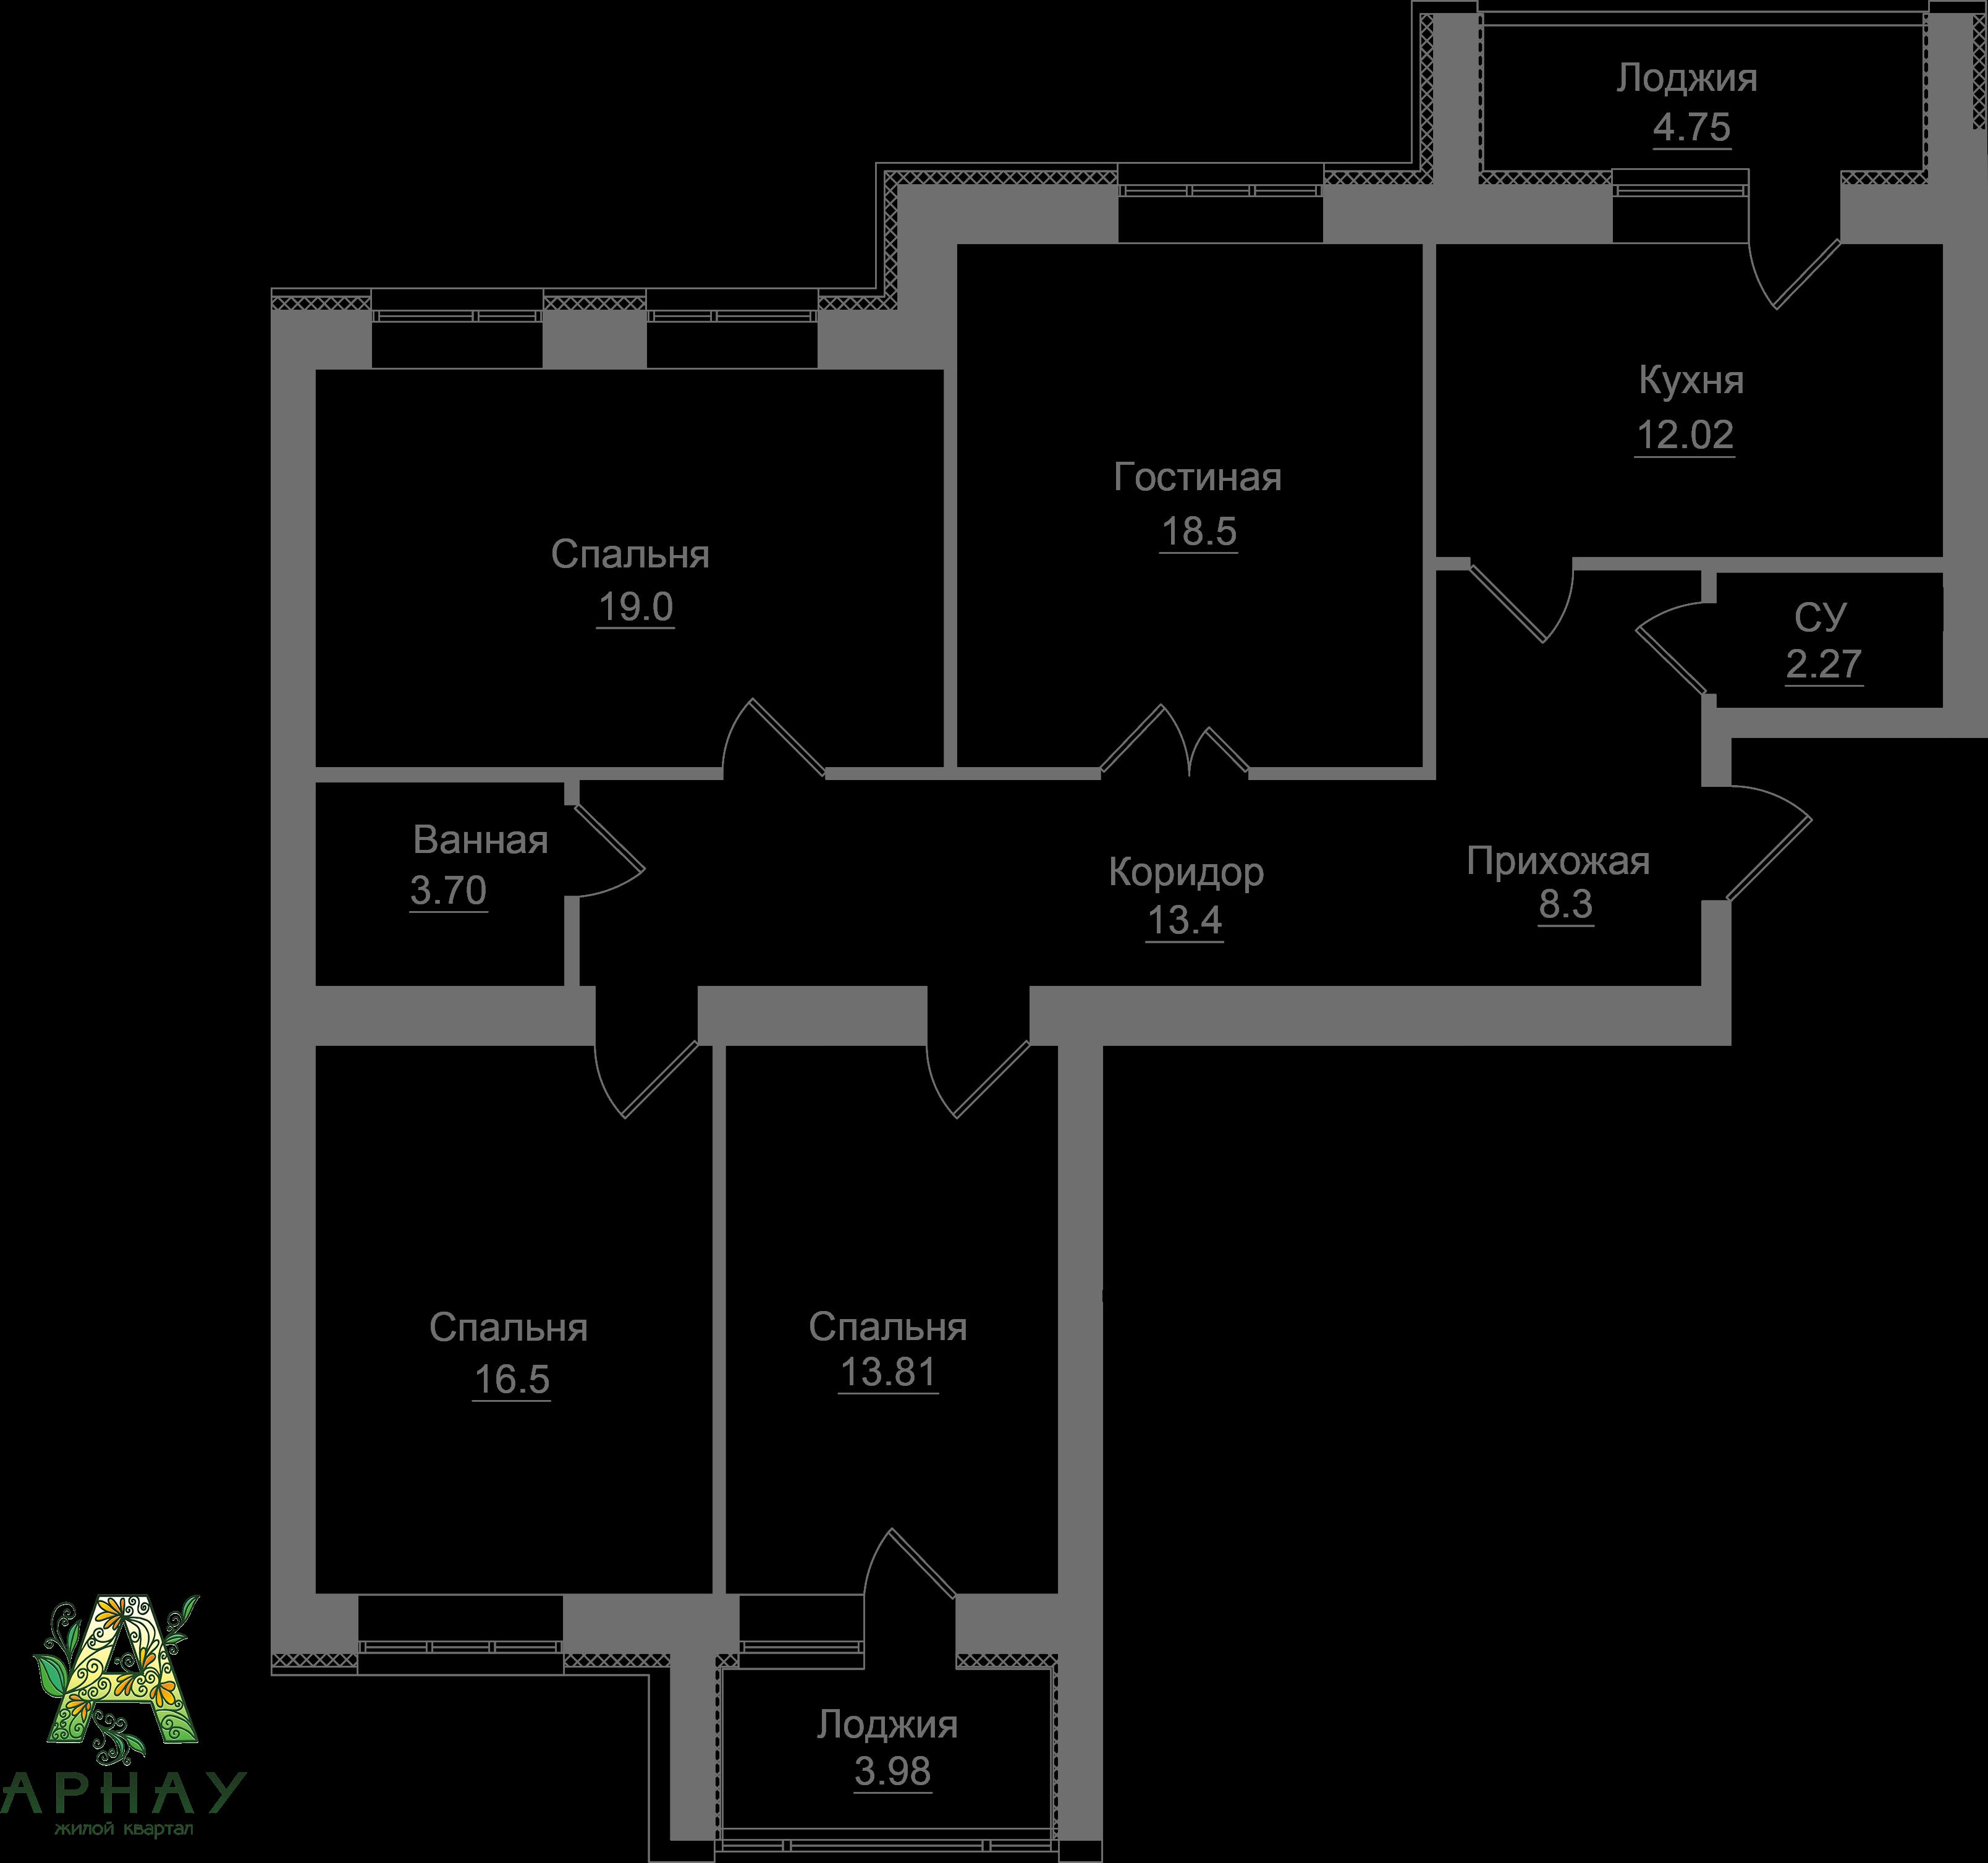 Квартира 118